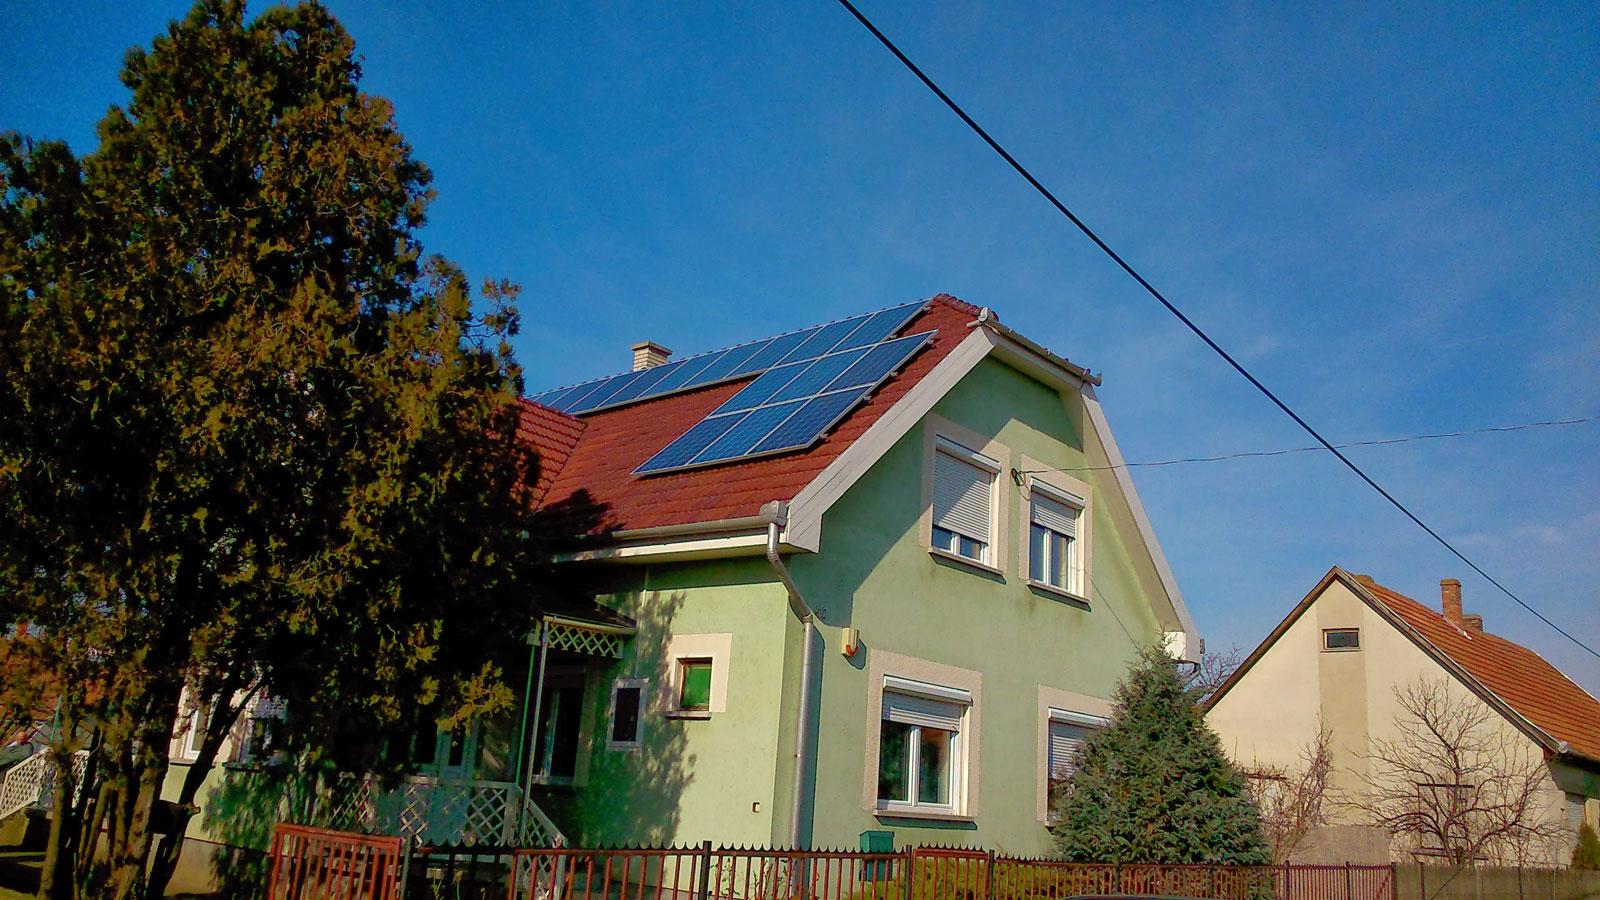 Jász-Nagykun-Szolnok megye napelem rendszer, Szolnok napelem